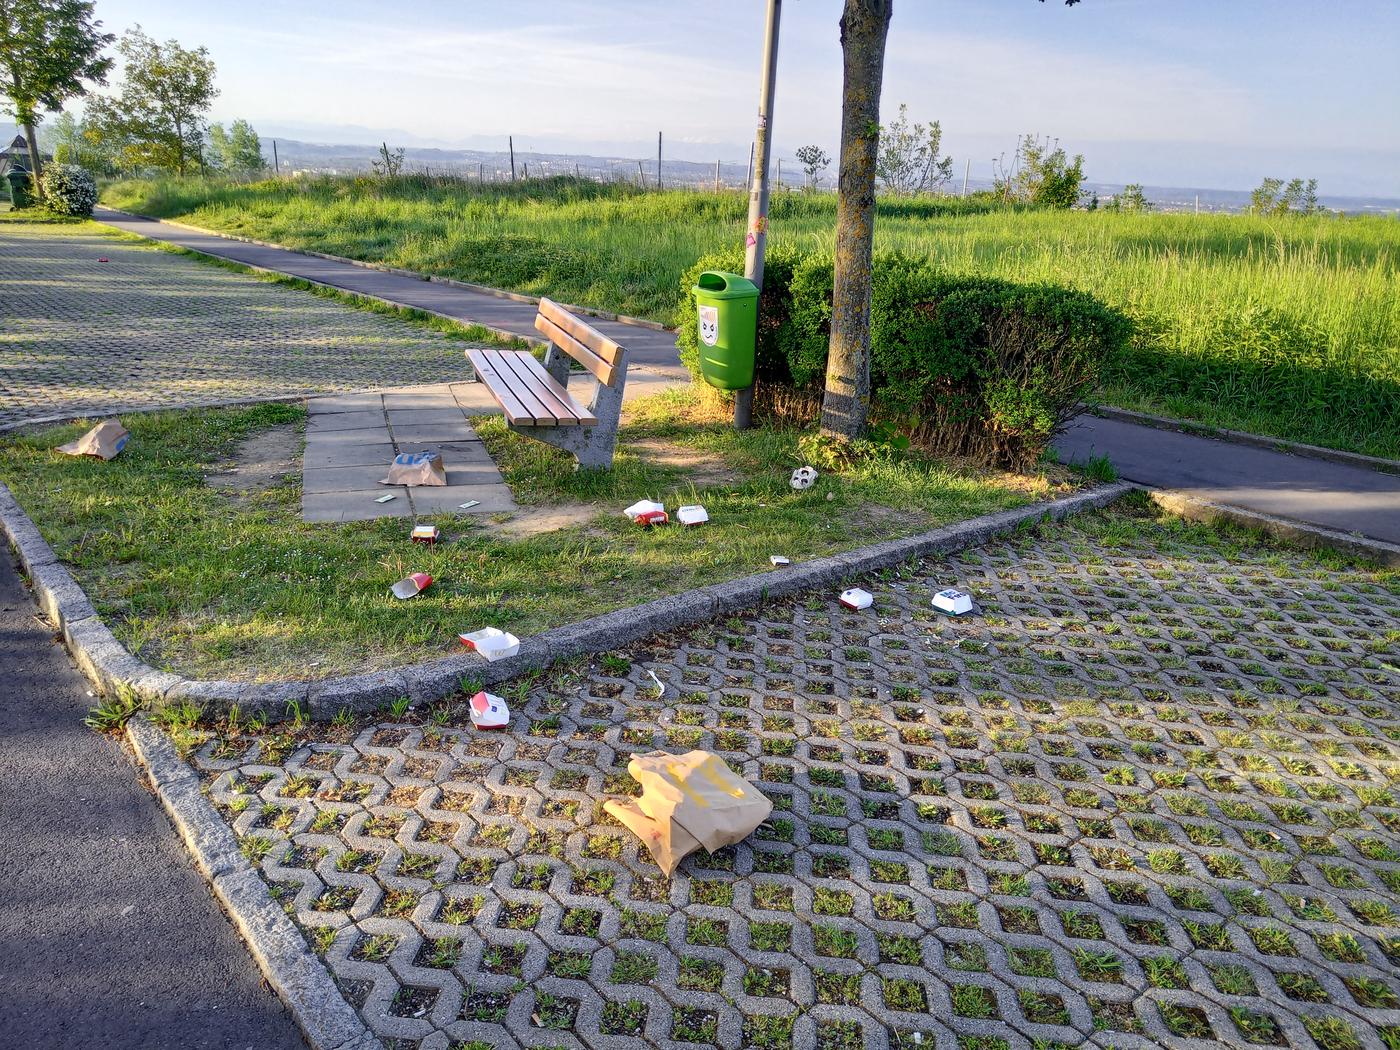 Parkplatz mit einer Bank und einem grünen Mistkübel, Müll liegt am Parkplatz verstreut.